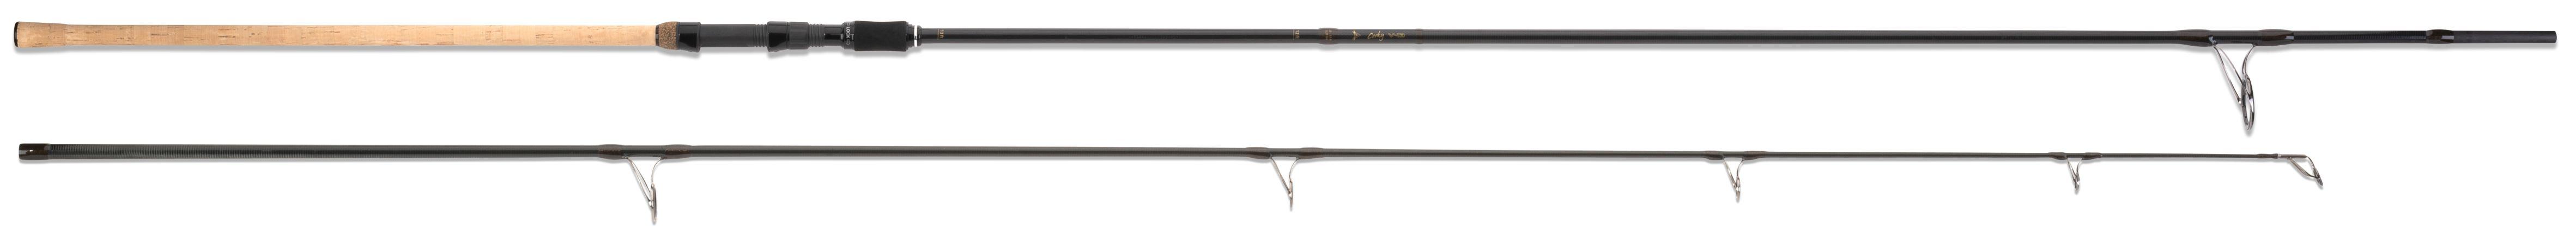 Anaconda prut Corky V-series 13-14 ft/ 3,75 lb